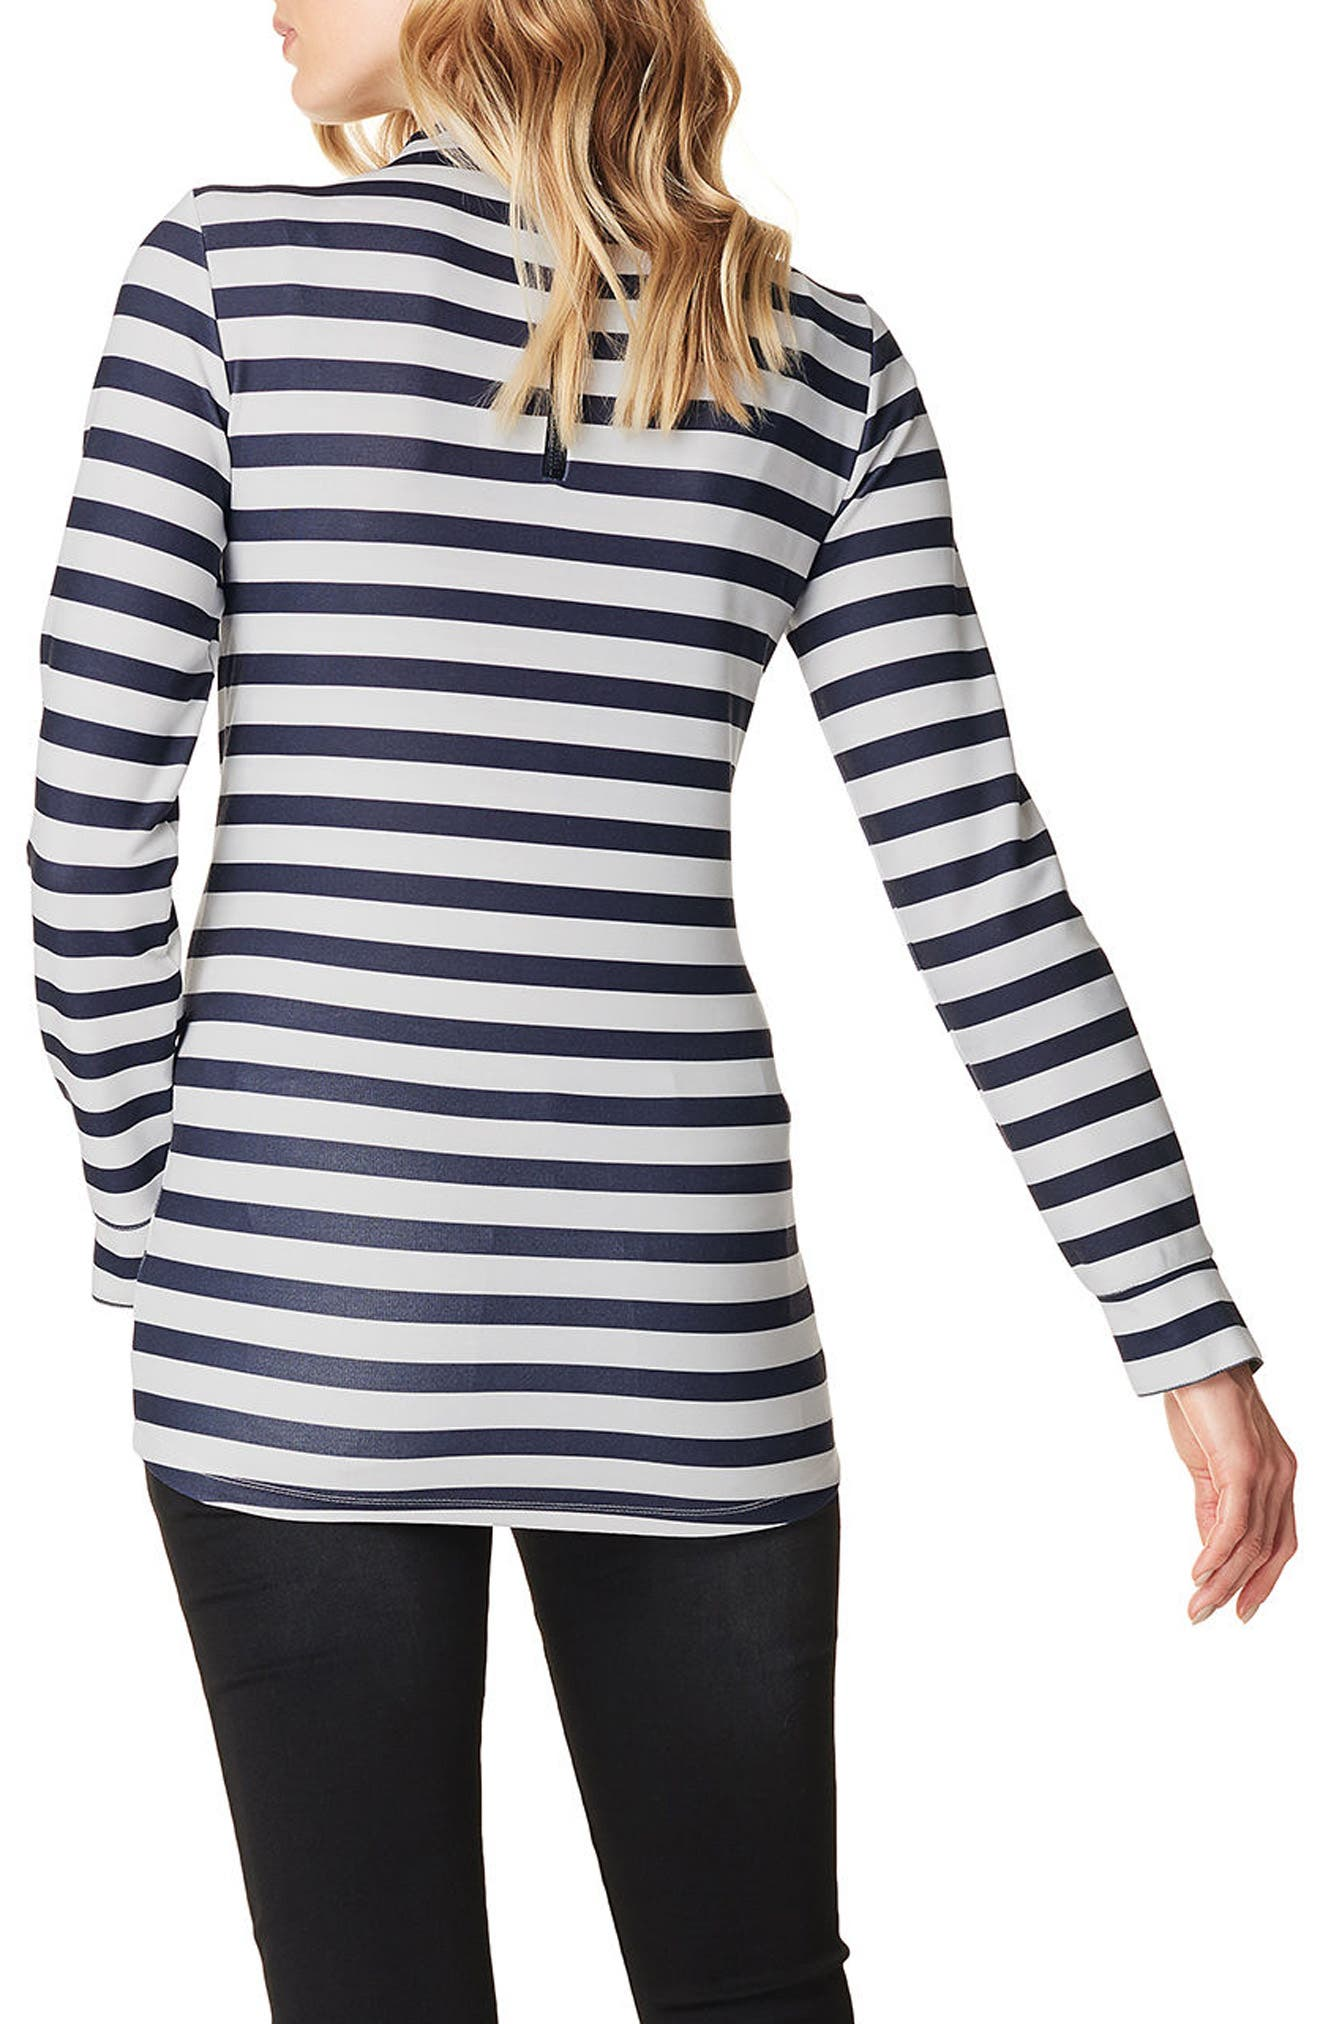 Stripe Mock Neck Maternity Top,                             Alternate thumbnail 2, color,                             Black Stripe